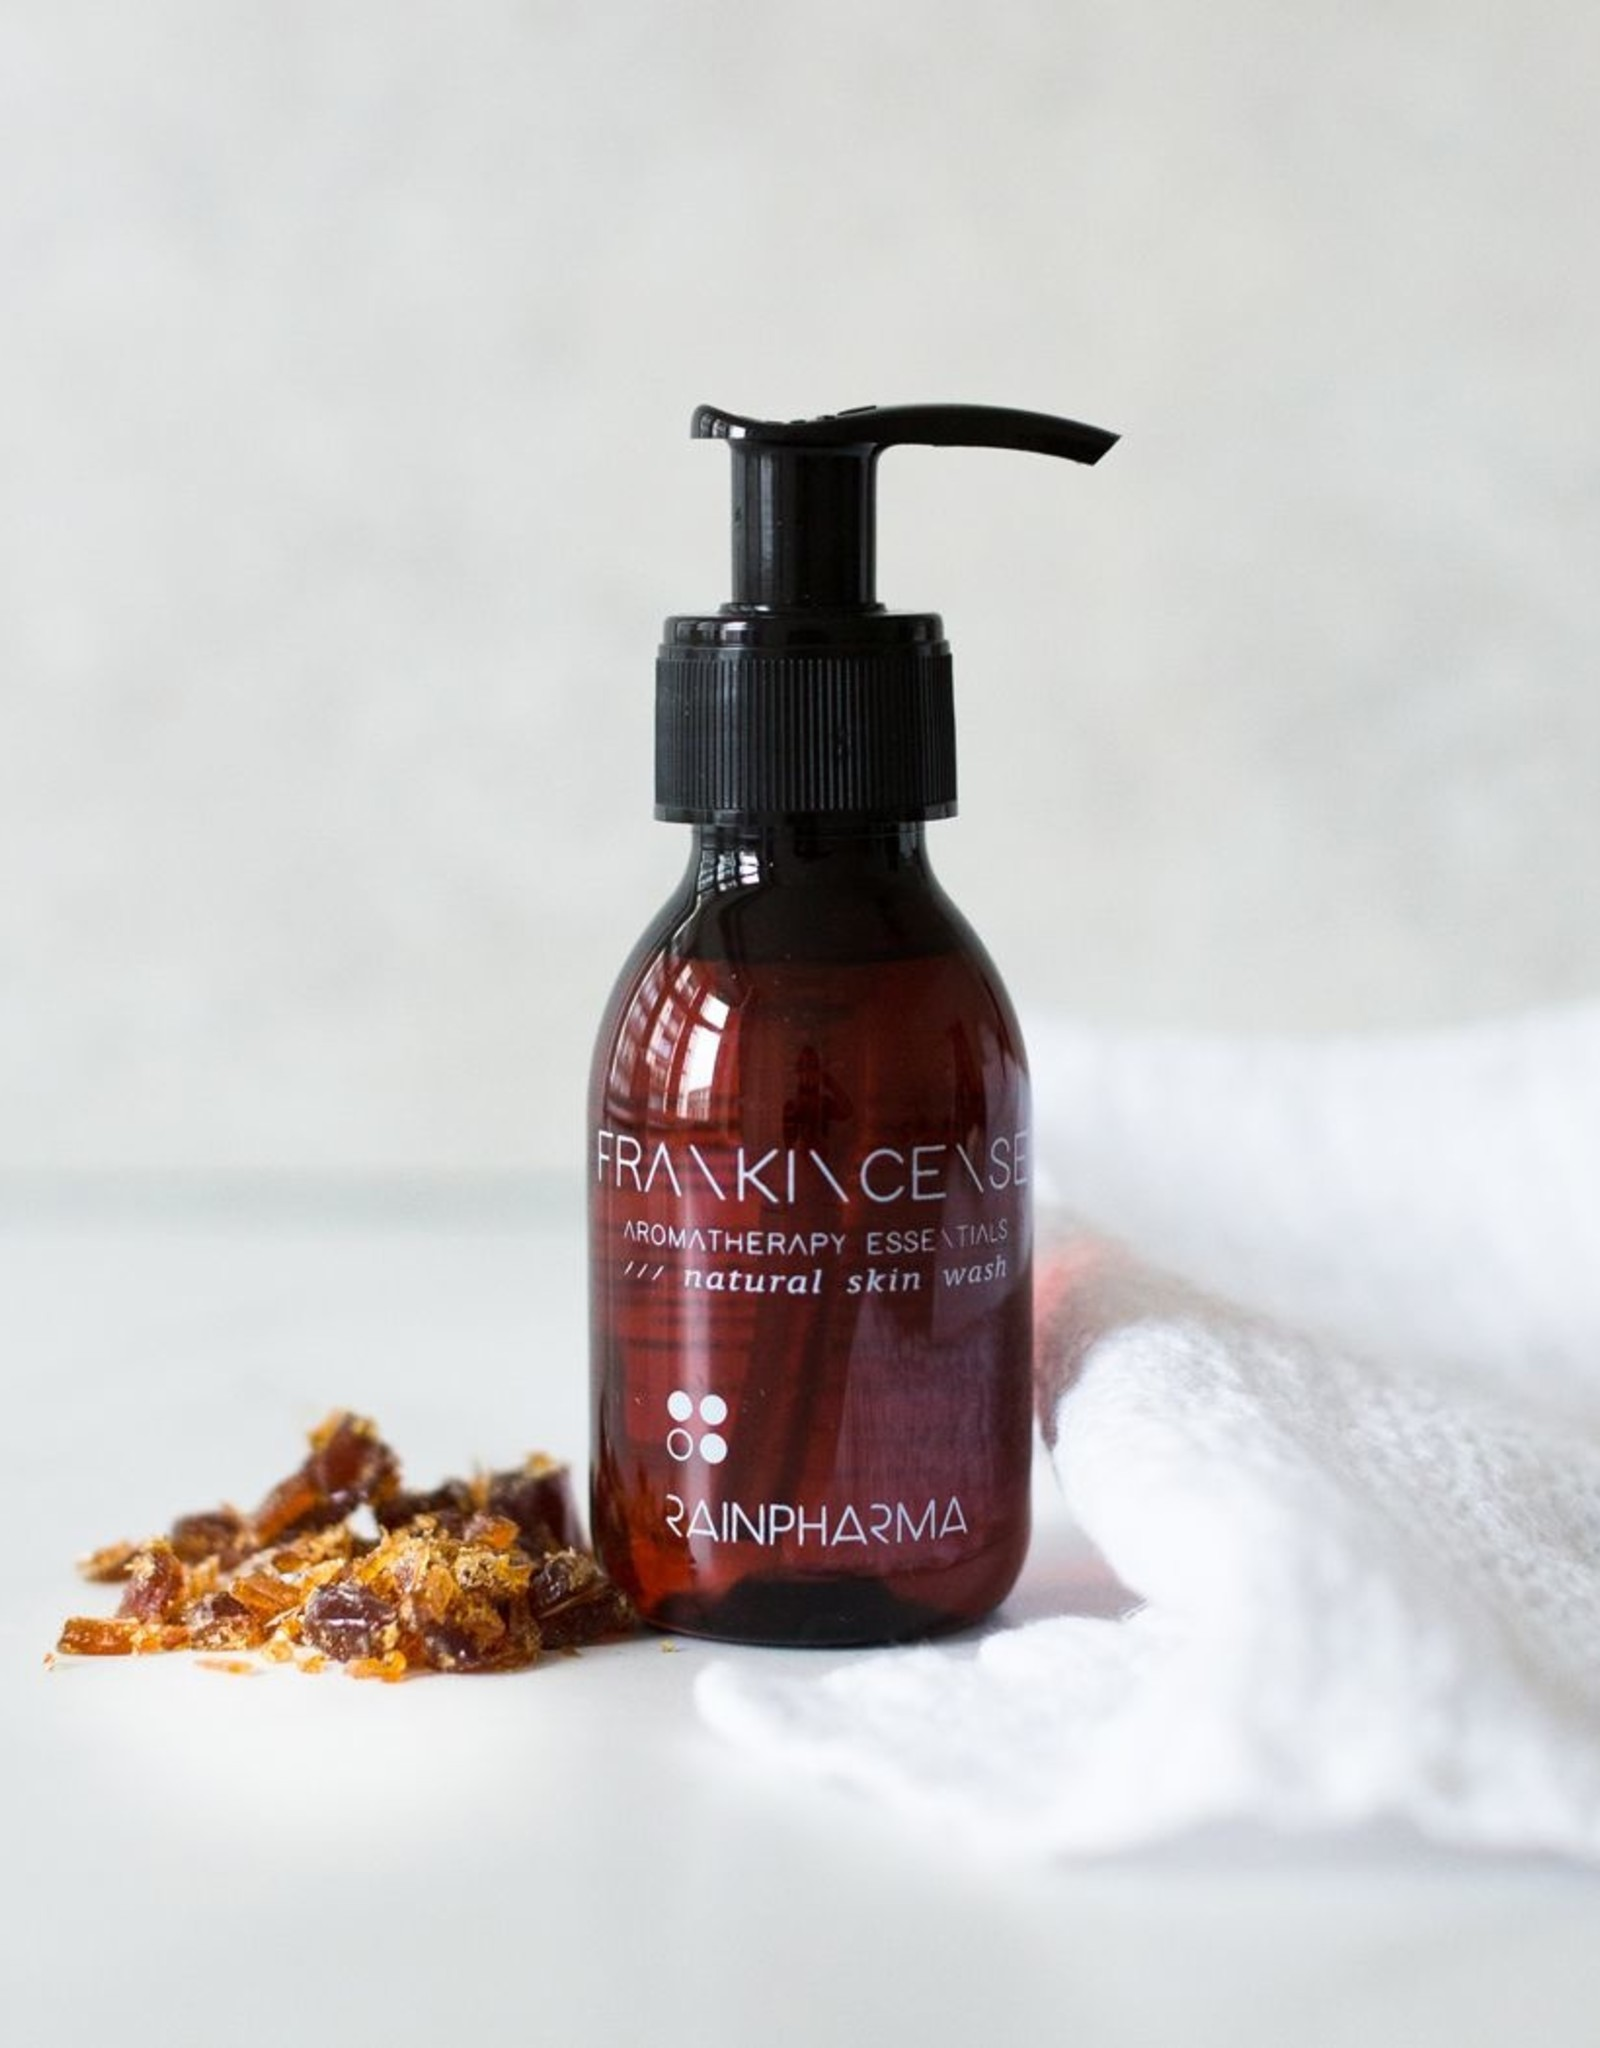 RainPharma Skin Wash Frankincense 100ml - Rainpharma